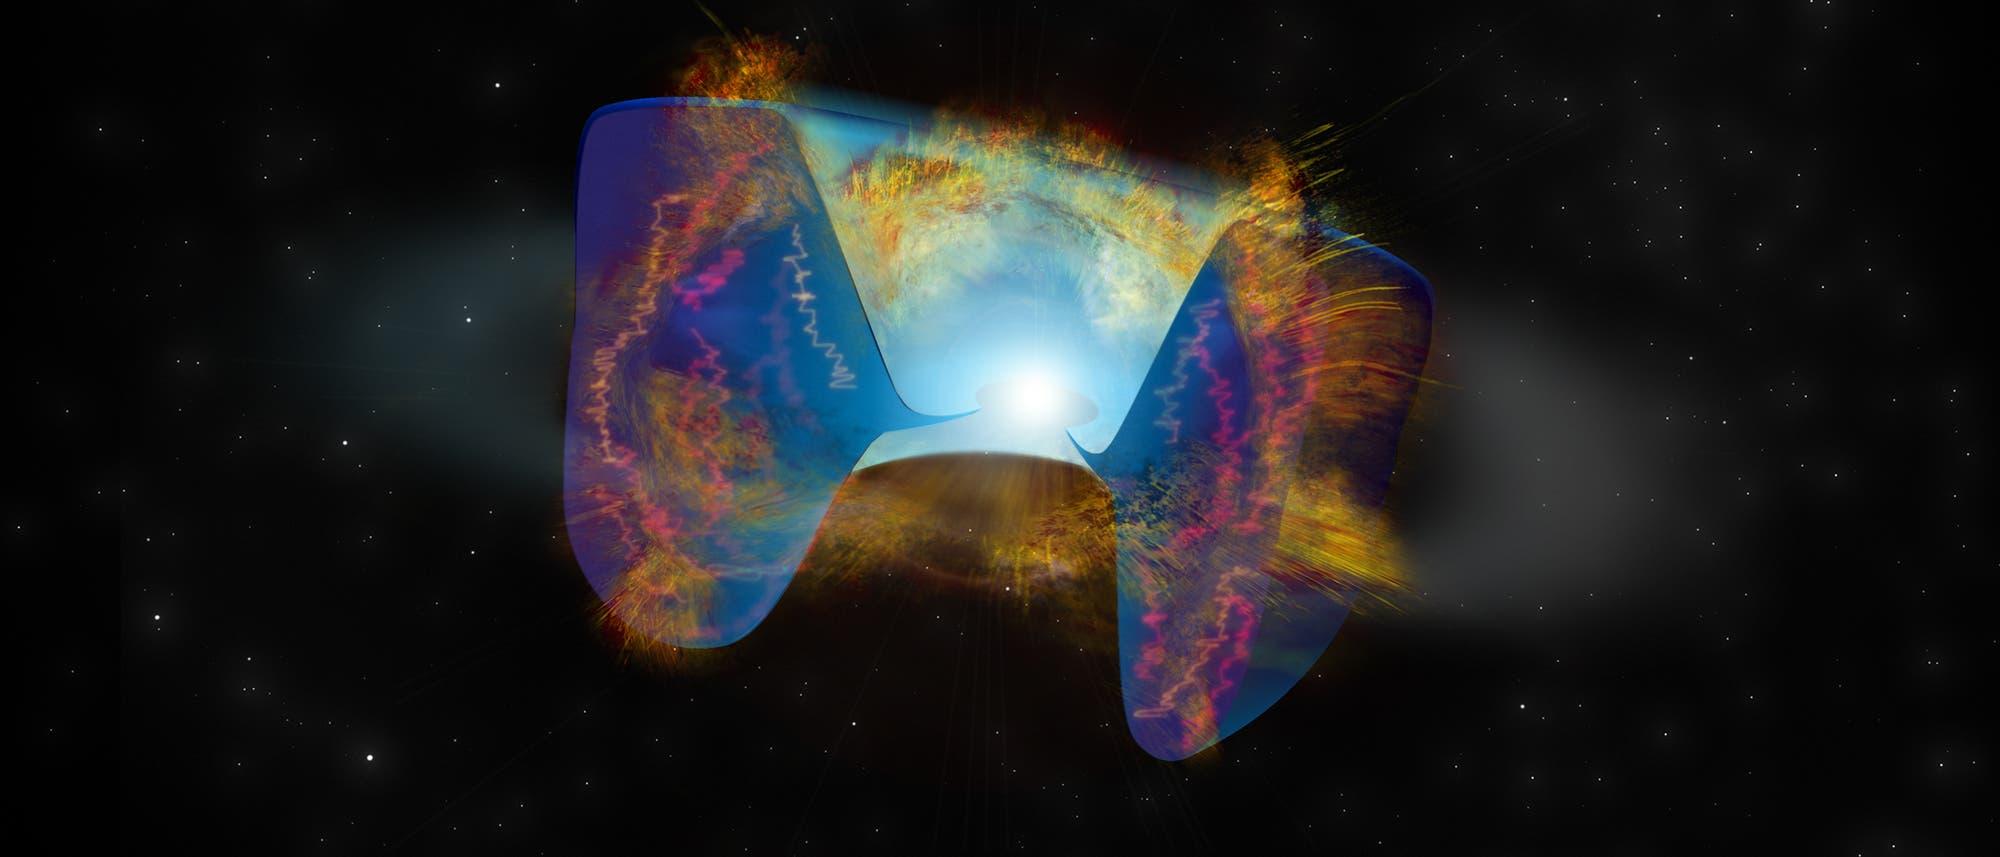 Die sich schnell bewegenden Trümmer einer Supernova, die durch eine Sternkollision ausgelöst wurde, prallen auf Material, das zuvor herausgeschleudert wurde. De Erschütterungen verursachen helle Radioemissionen.